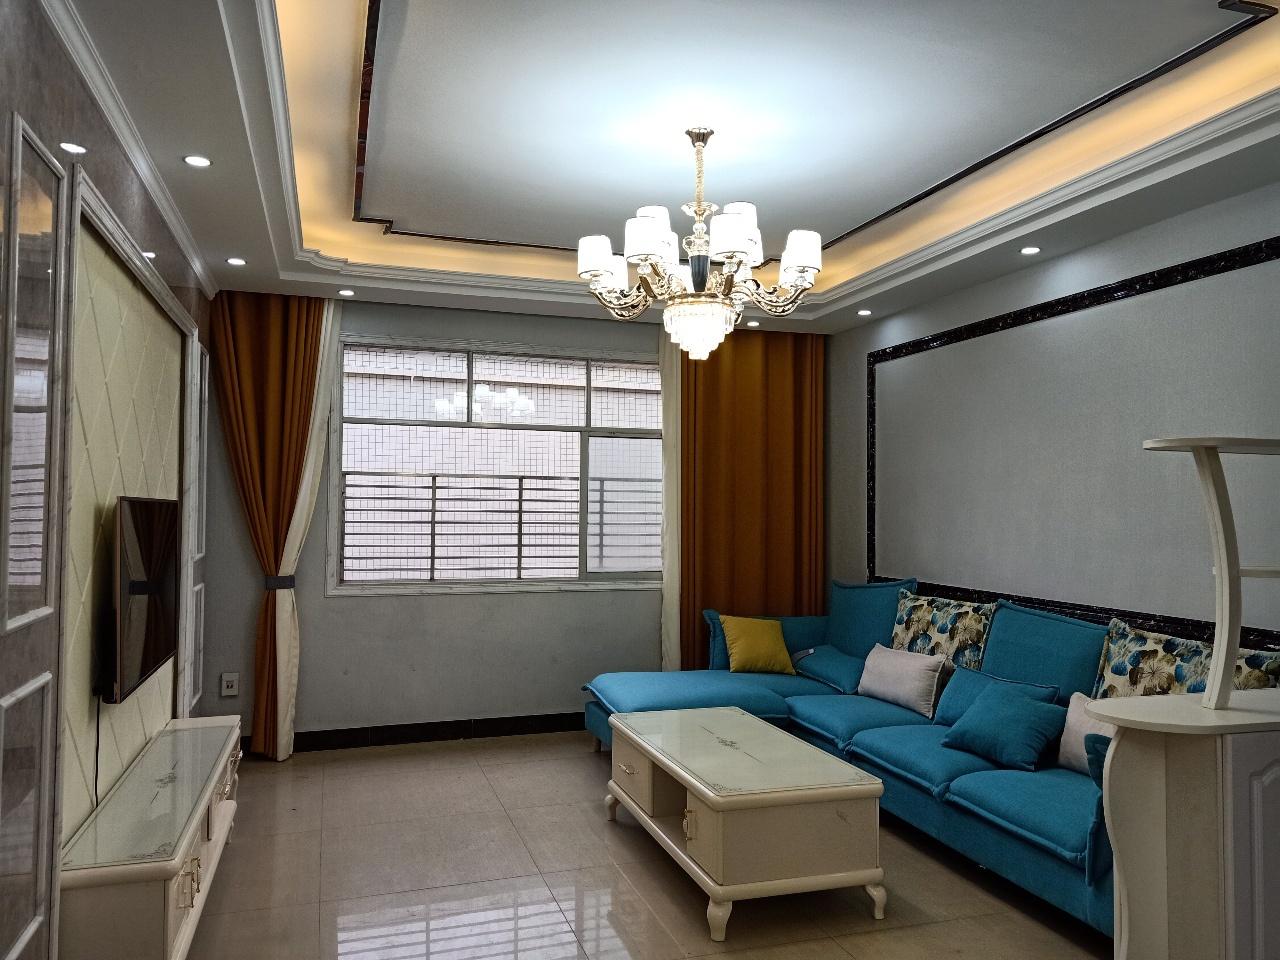 龙腾龙湖巷4室2厅2卫63.8万元